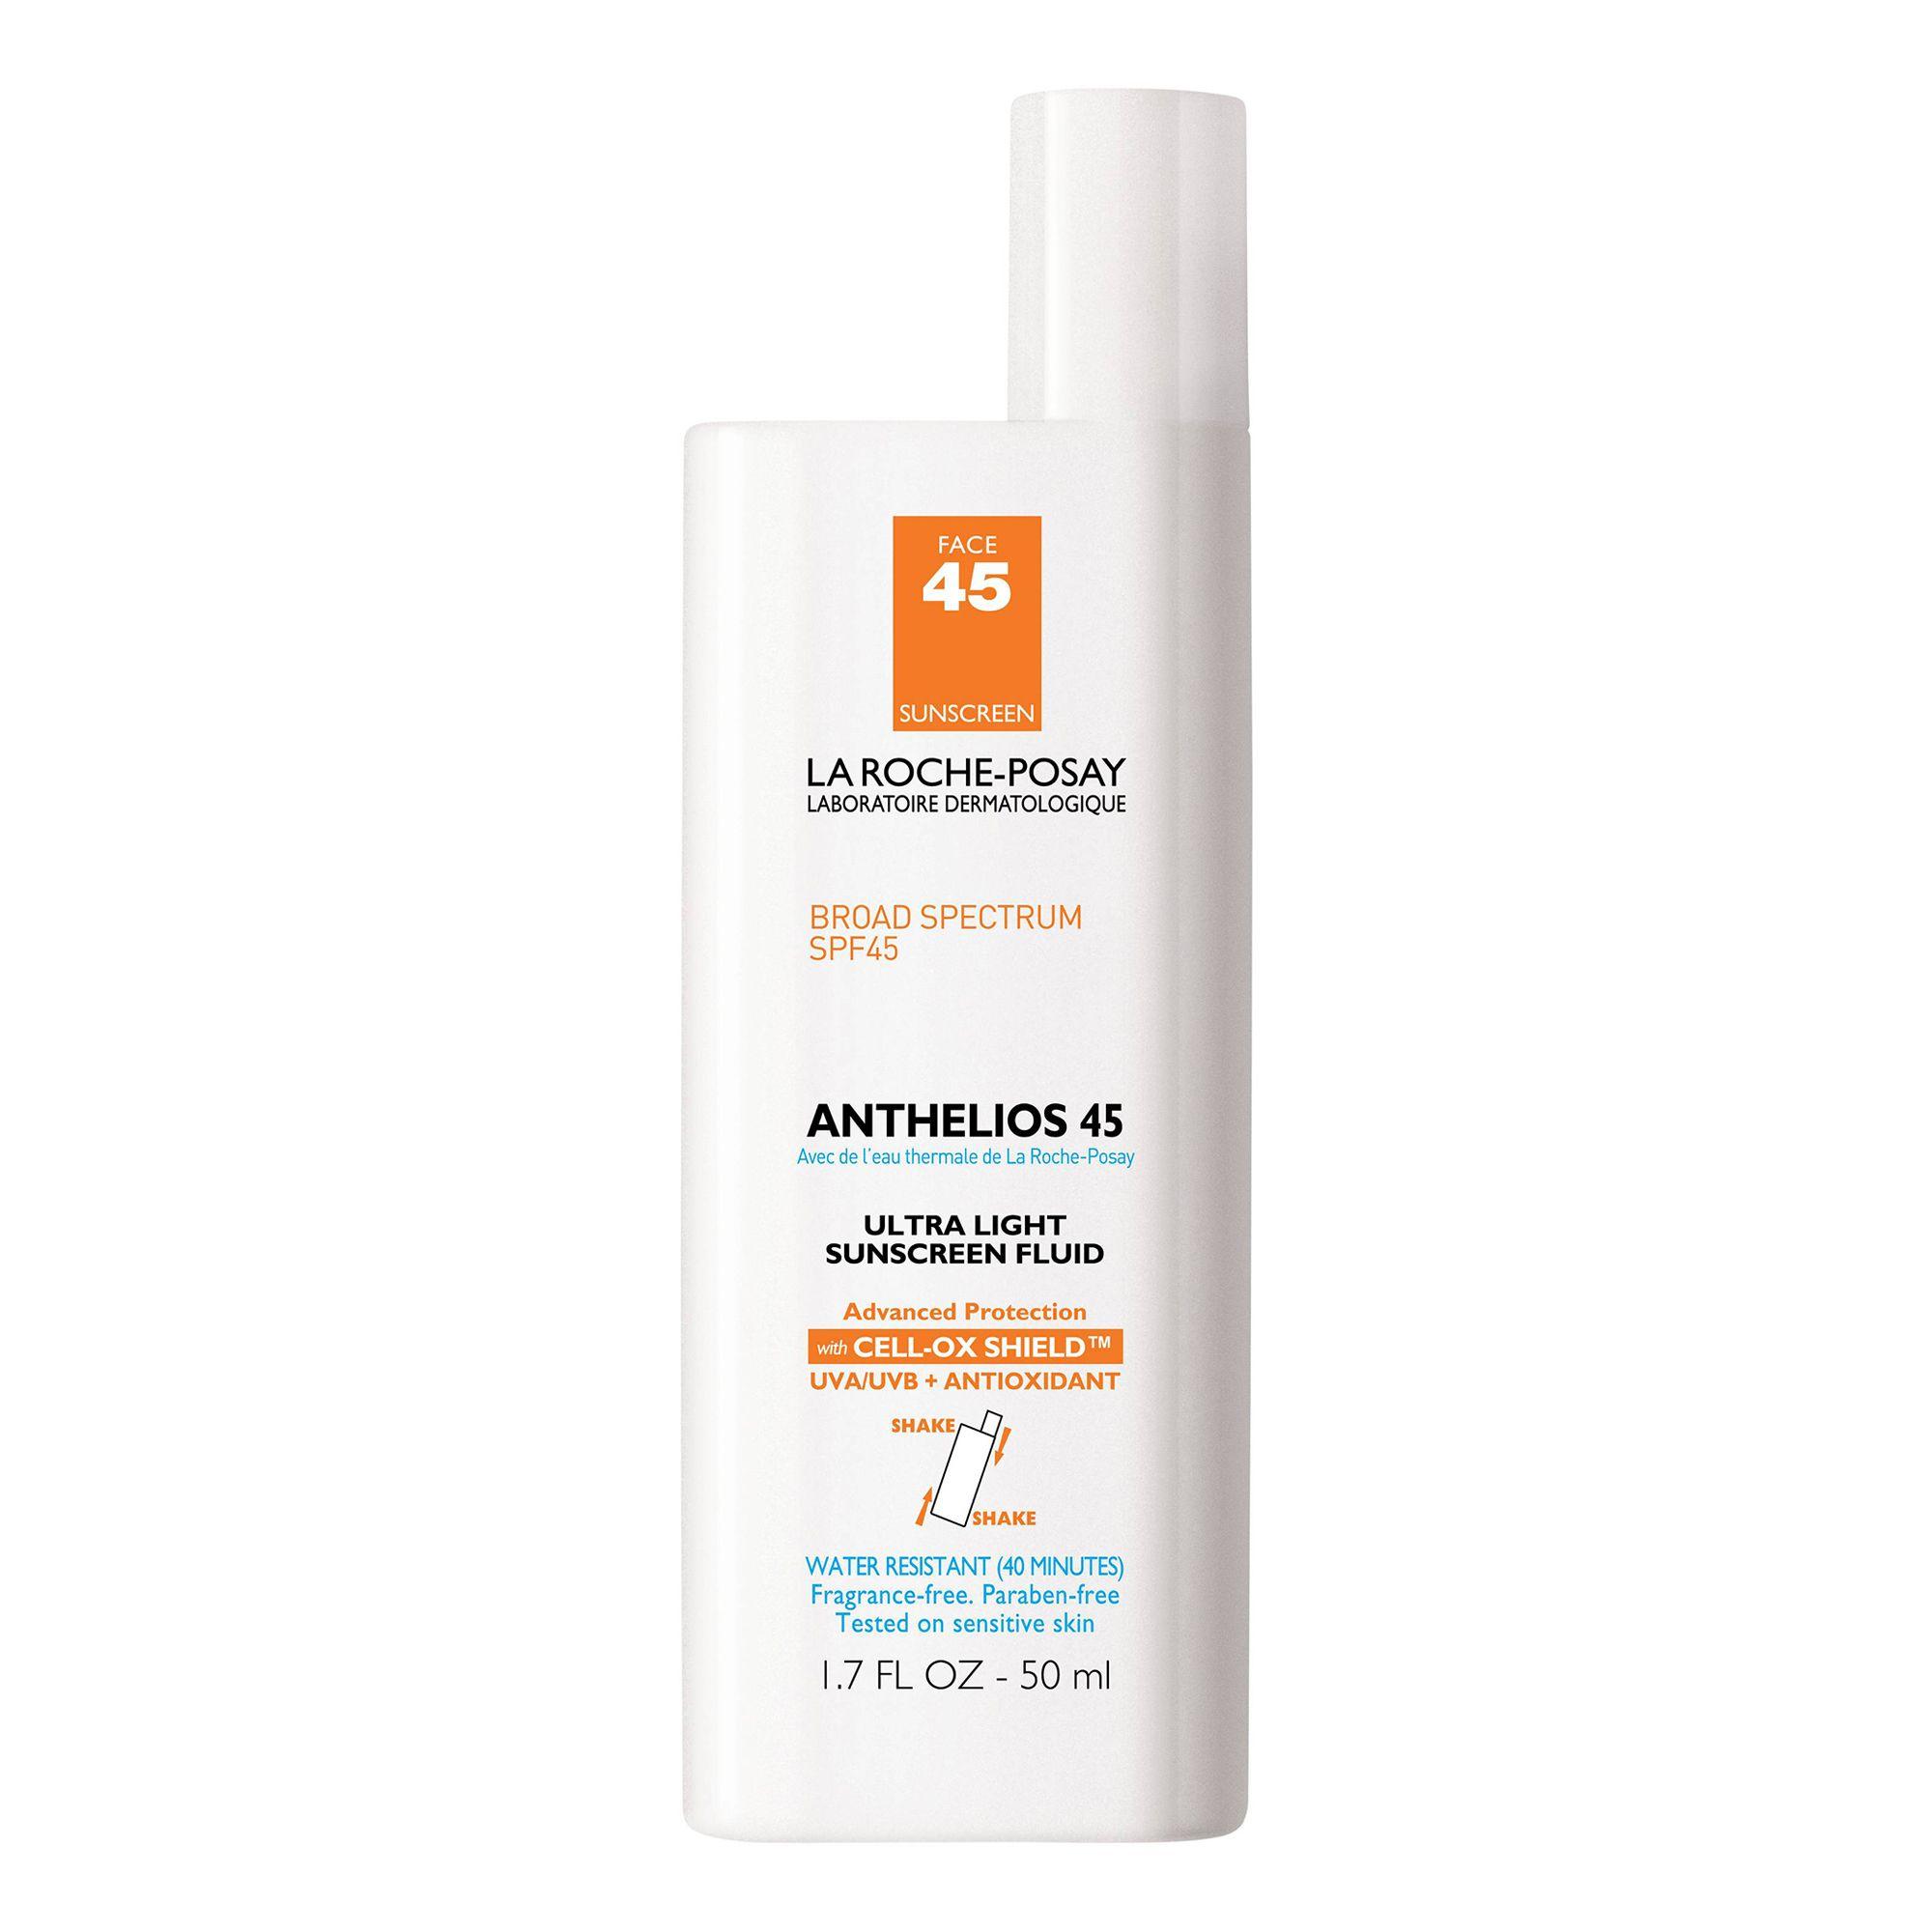 For Sensitive Skin  - Redbook.com